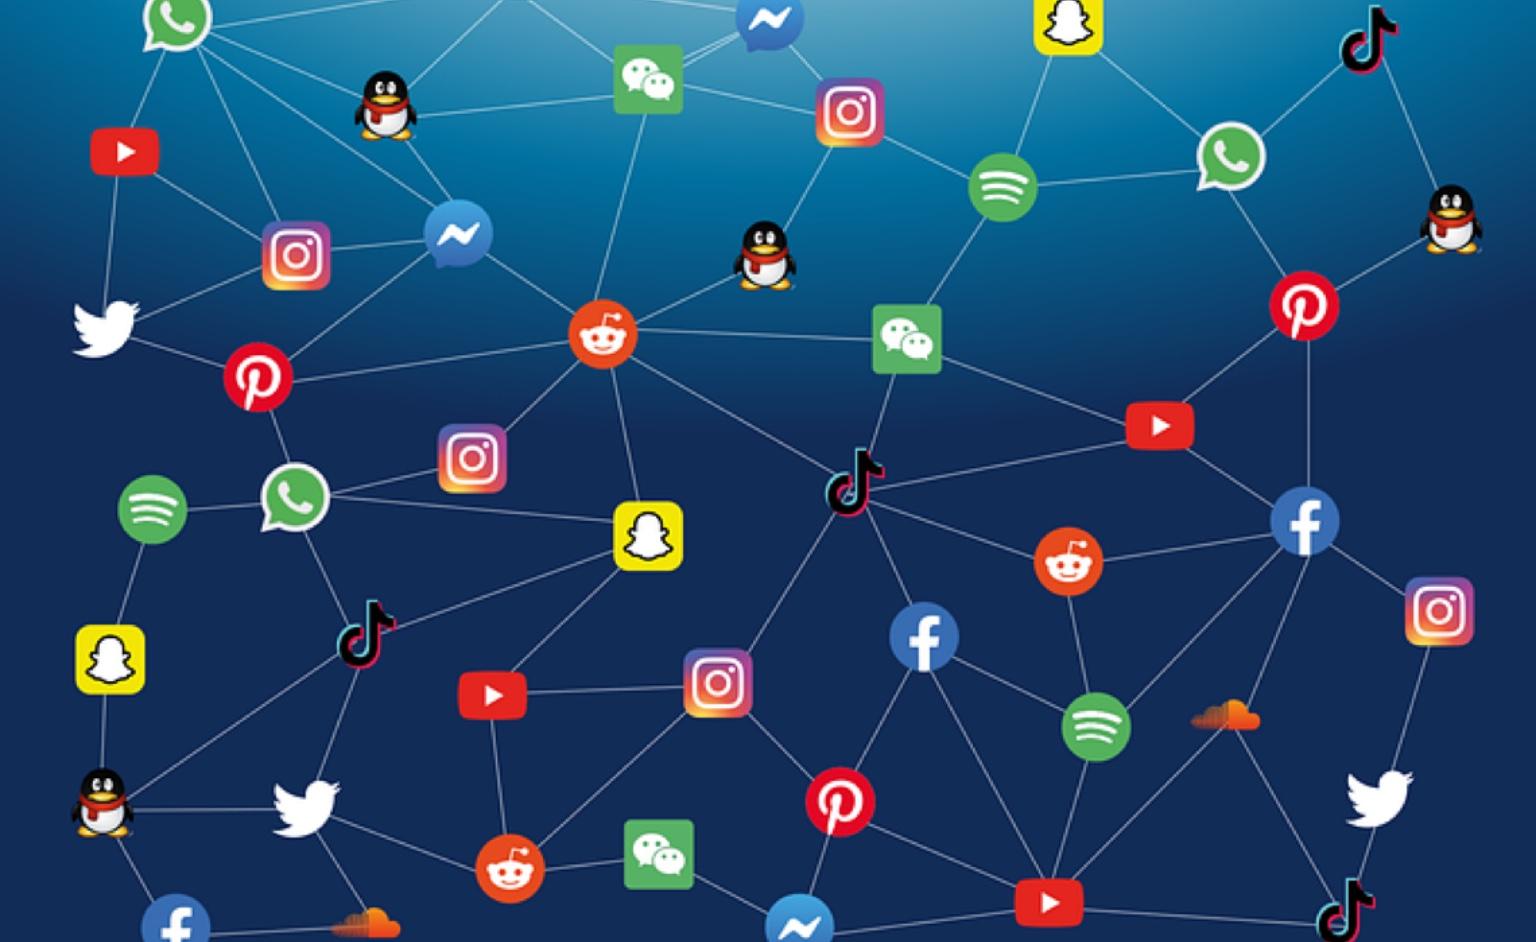 WhatsApp e o Instagram são os aplicativos mais populares no Brasil, diz pesquisa